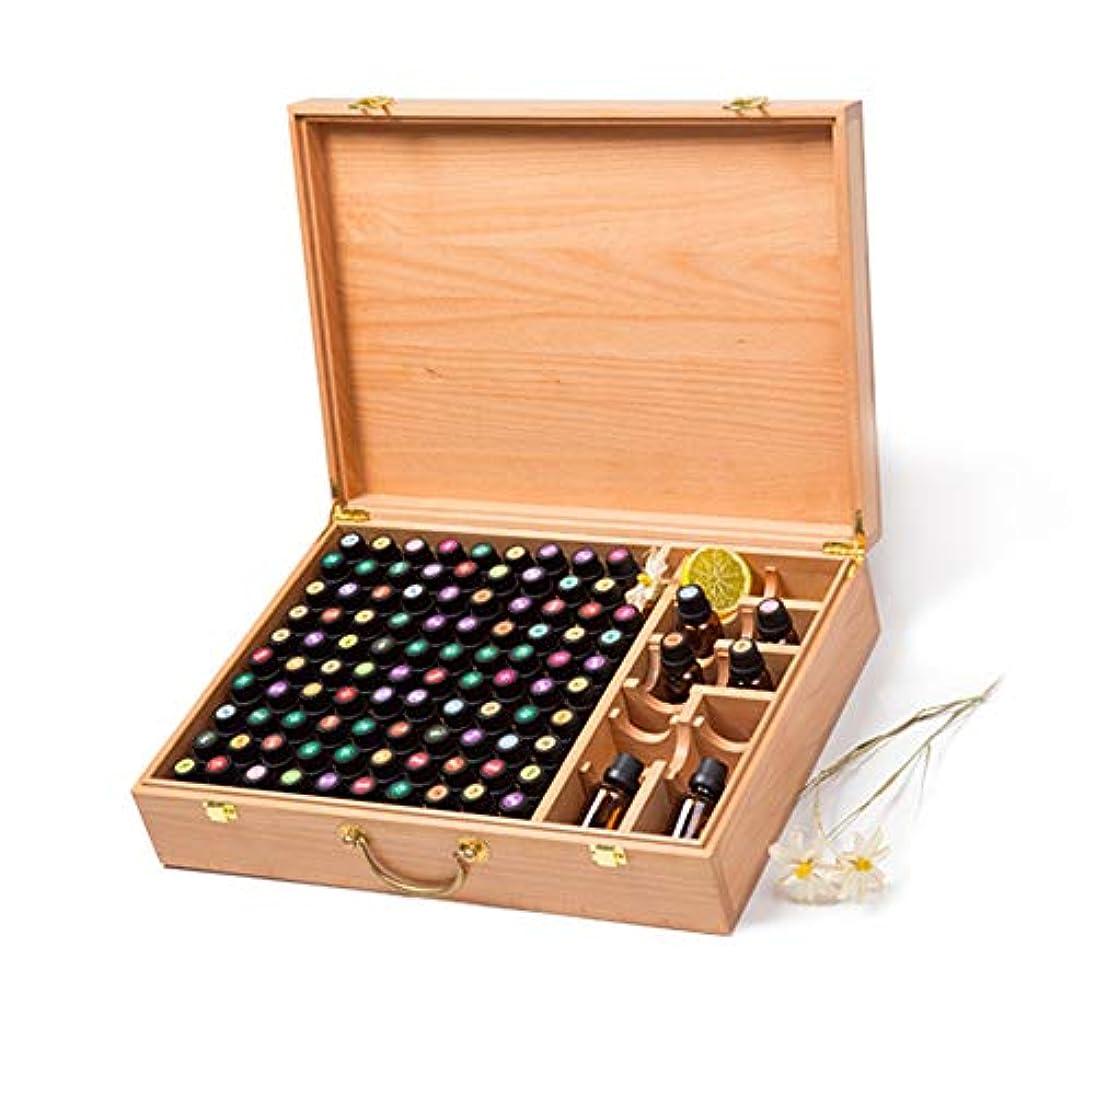 取り付け以内に処理するハンドルパーフェクトエッセンシャルオイルのケースでは手作りの木製エッセンシャルオイルストレージボックスは100の油のボトルを保持します アロマセラピー製品 (色 : Natural, サイズ : 44X31.5X10.5CM)